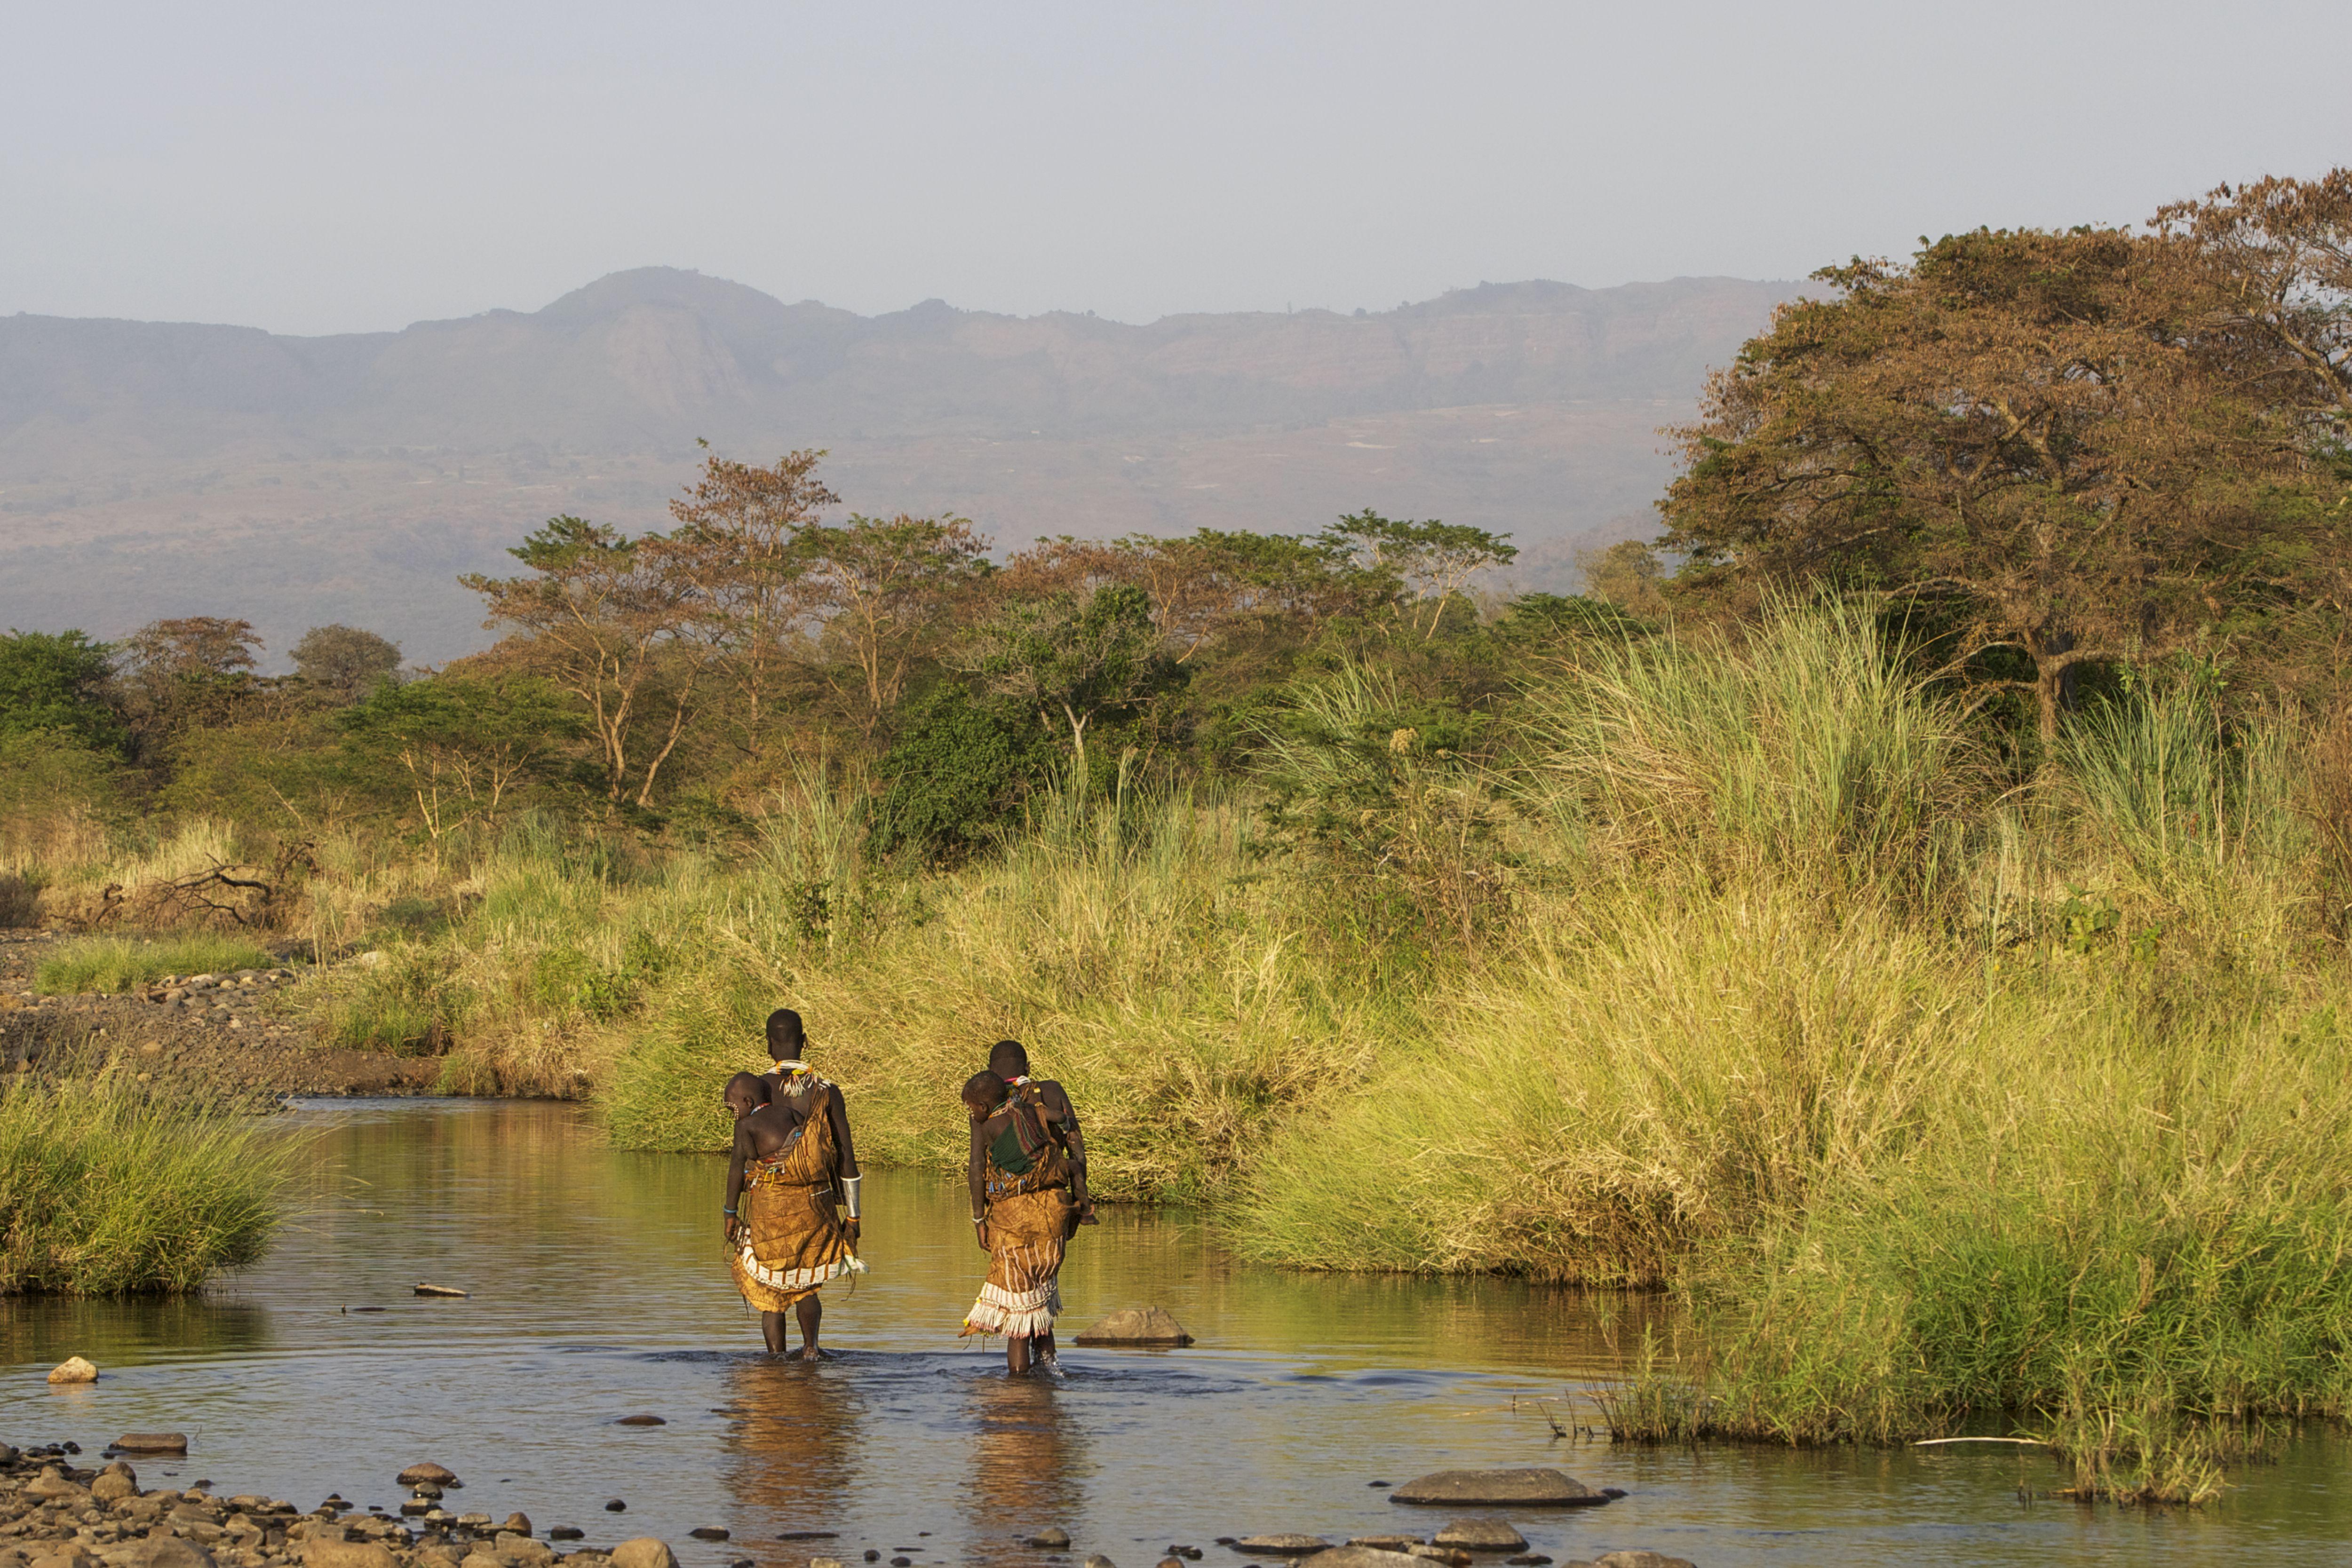 Σύγχρονο περιβάλλον της κοιλάδας Omo, Αιθιοπία